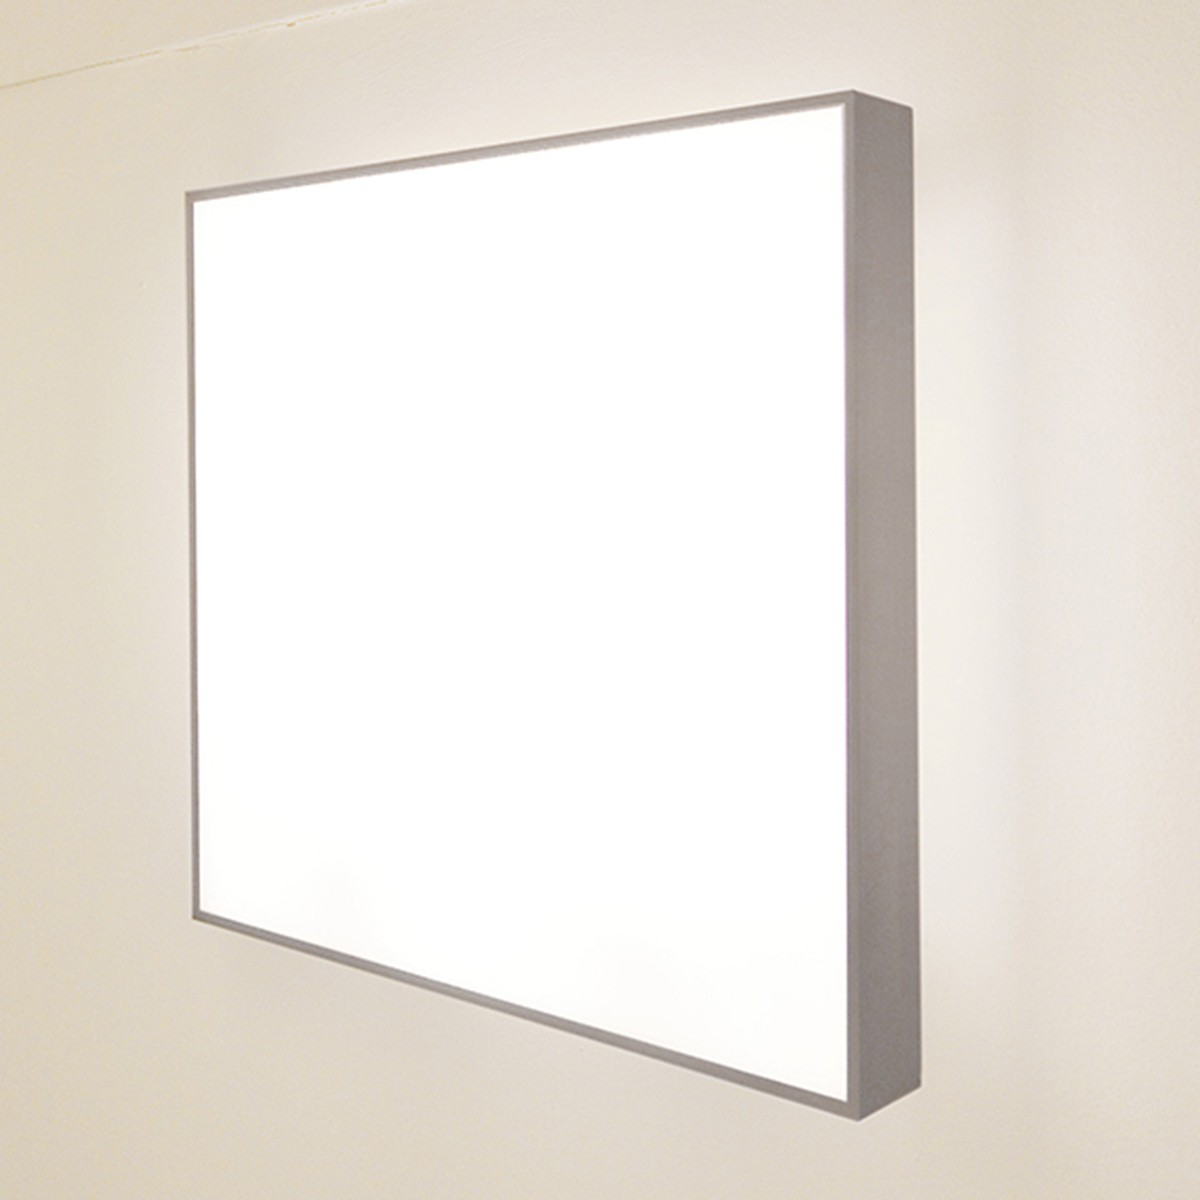 Byok Vascina Wandleuchte, 65 x 65 cm, mit Schalter